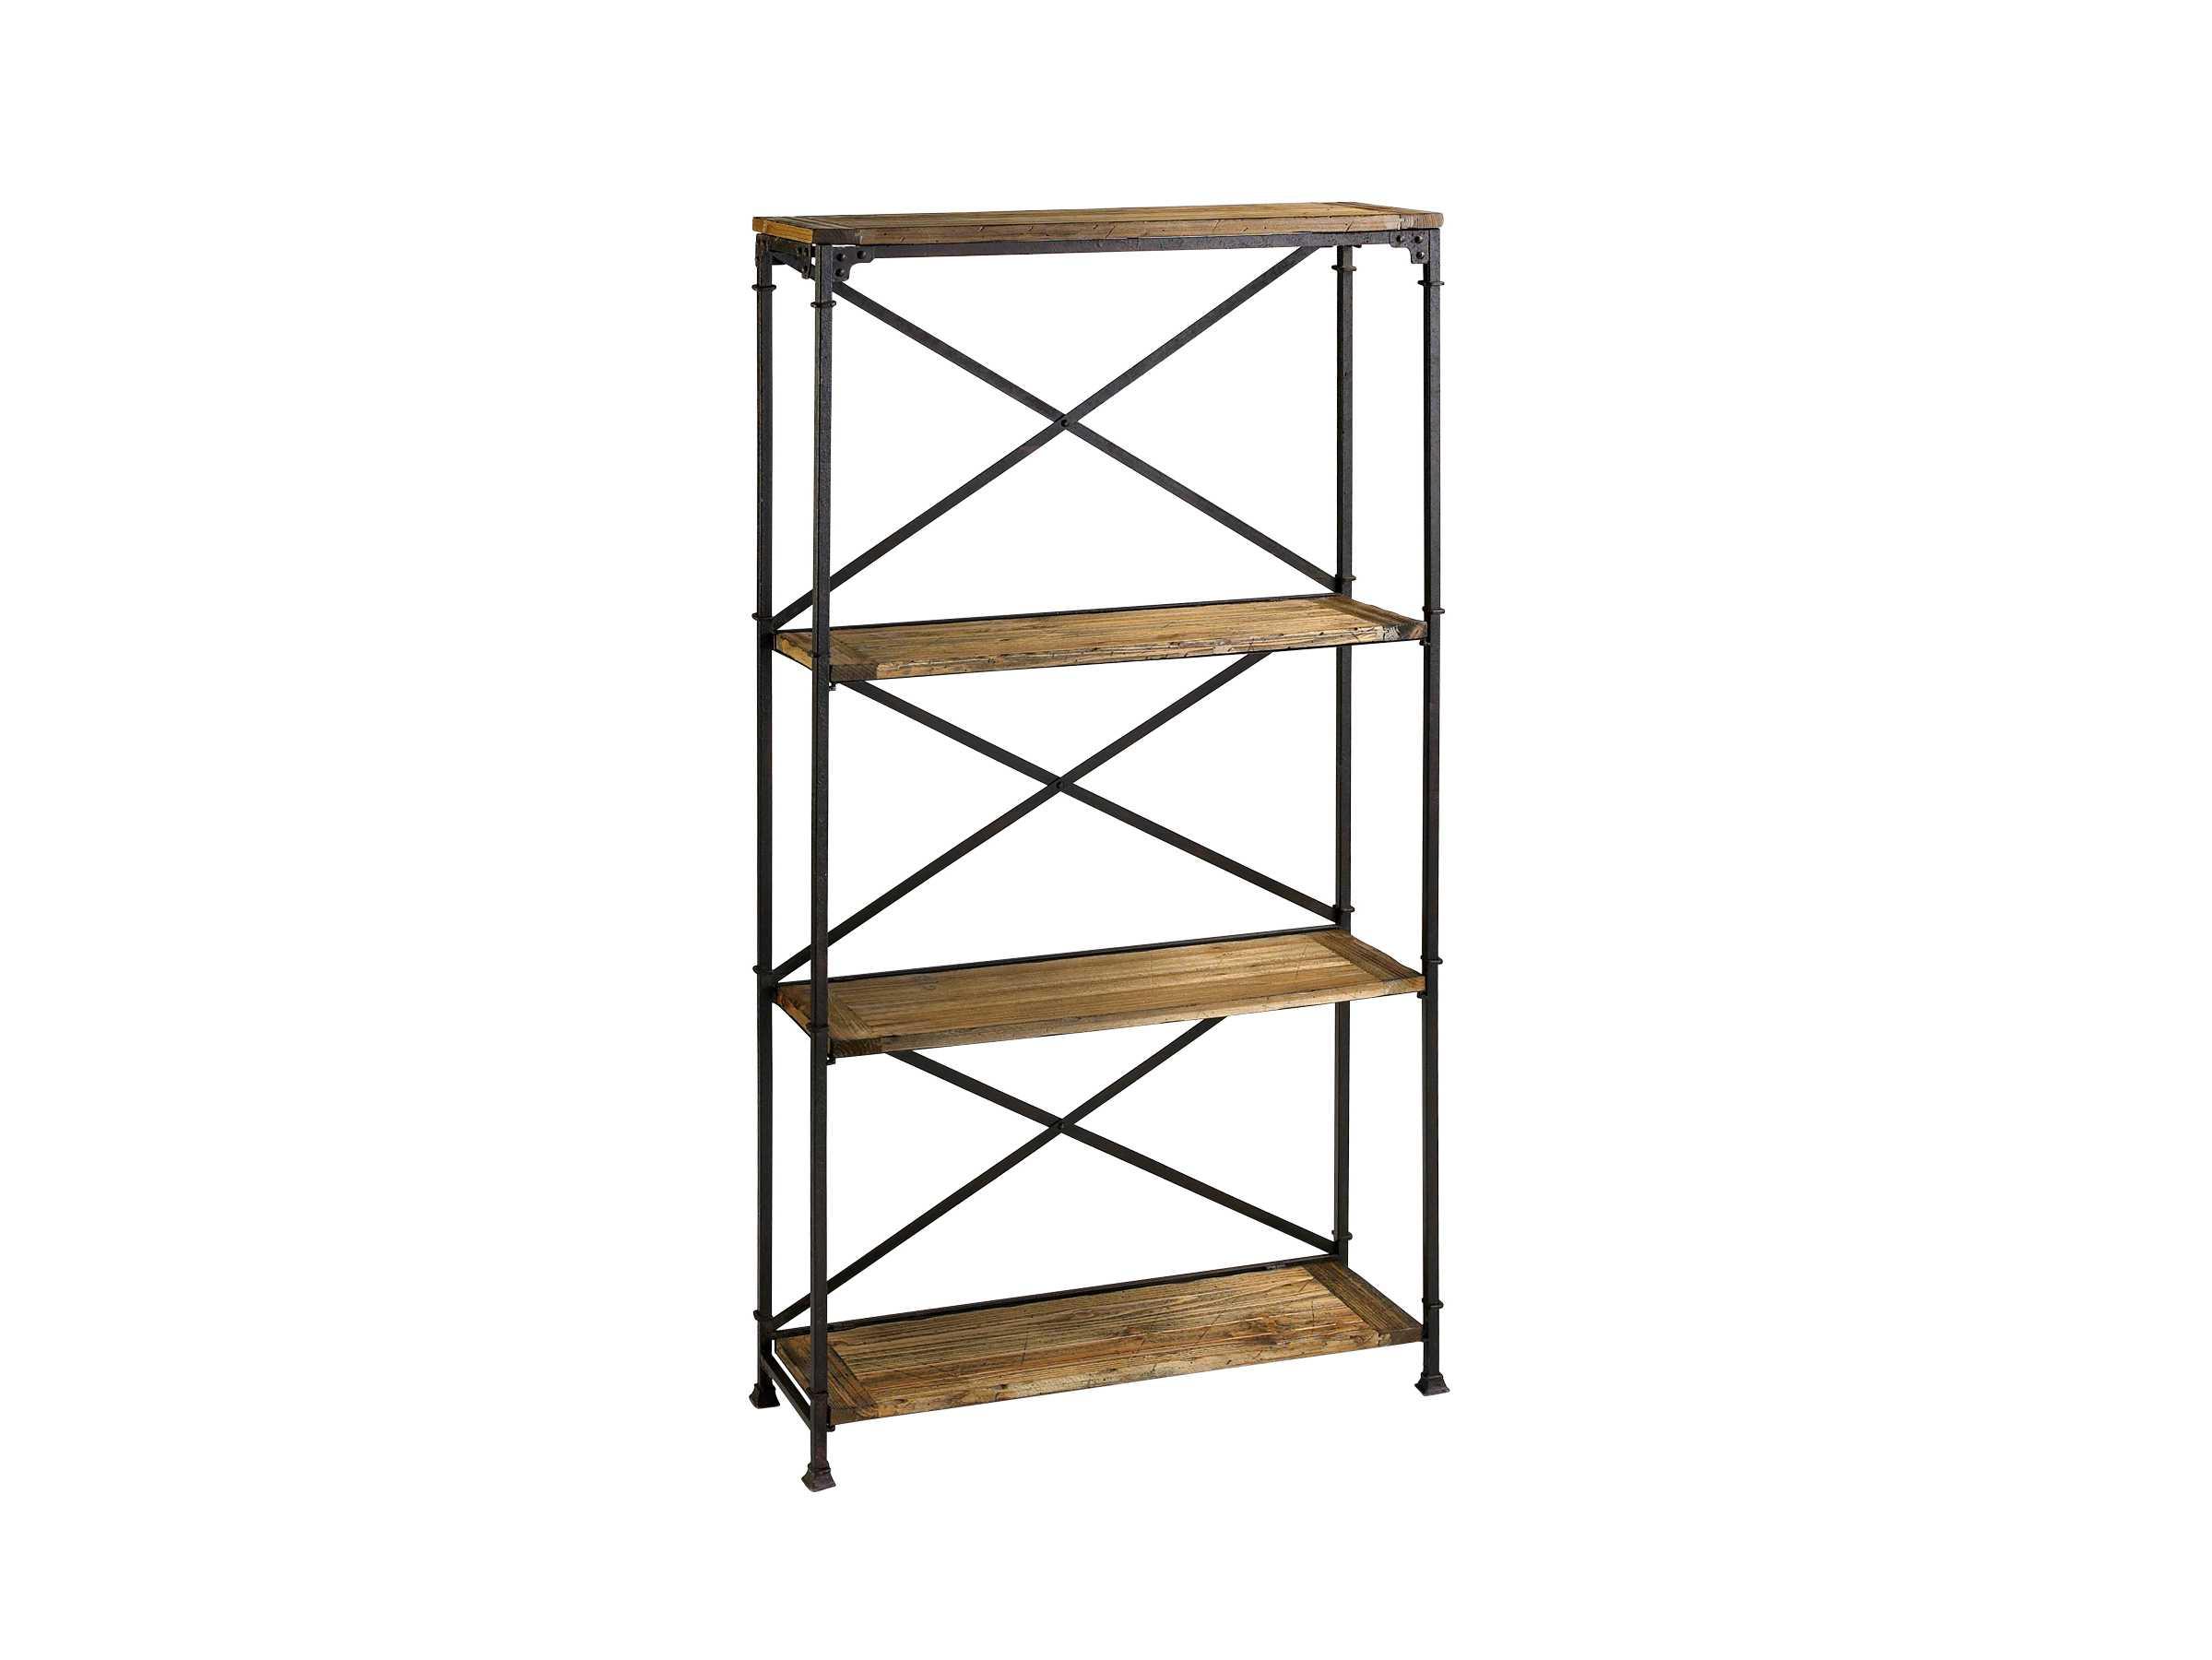 Cyan design monacco rustic etagere rack c304541 - Etagere aluminium design ...